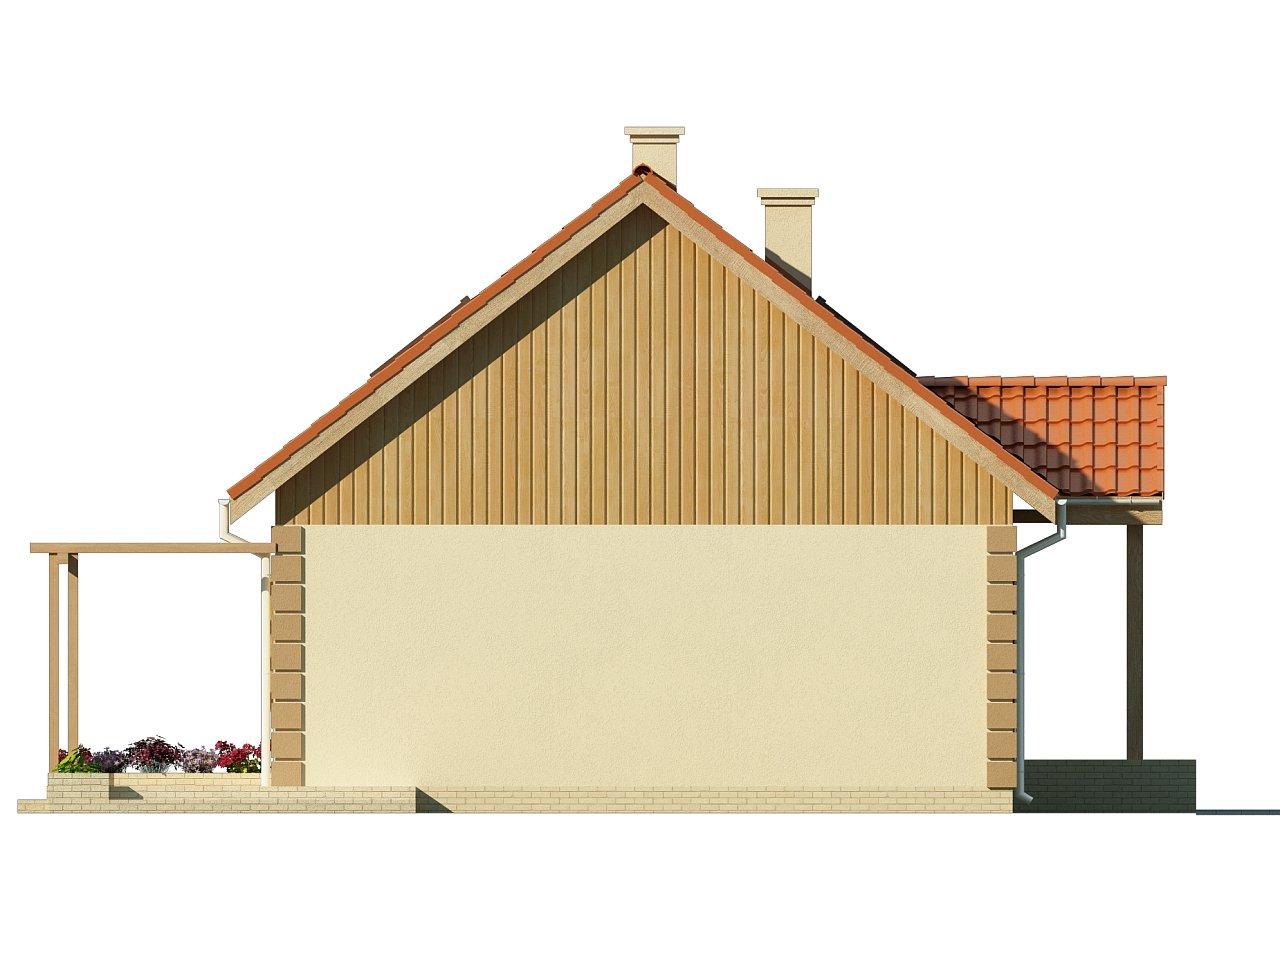 Функциональный и уютный дом с дополнительной спальней на первом этаже. Простой и экономичный в строительстве. 12